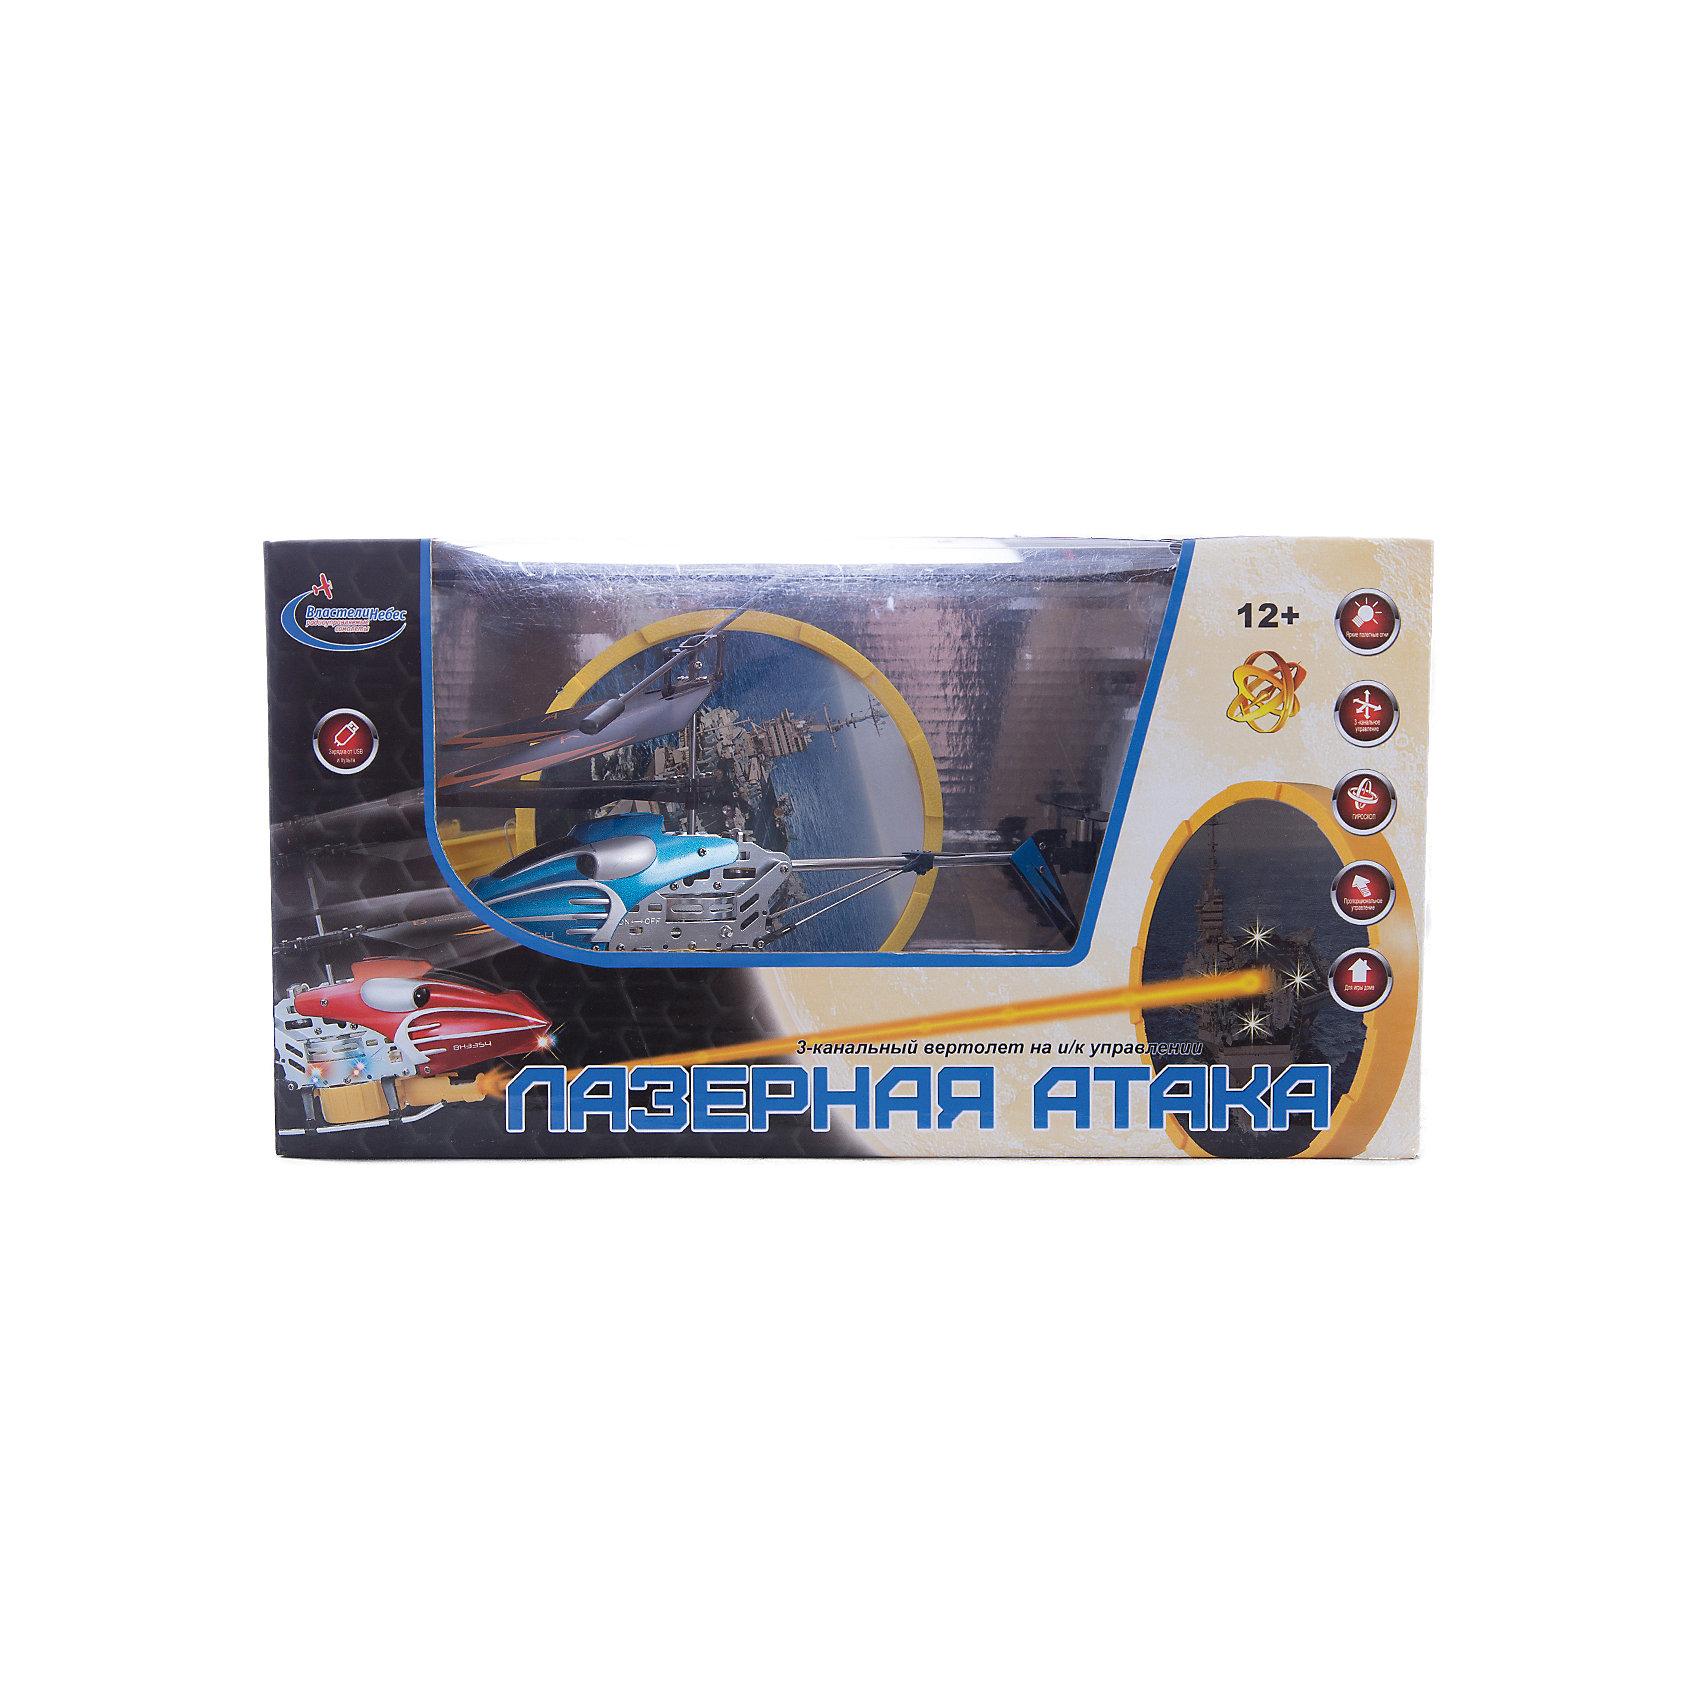 Вертолет на р/у с инфракрасной пушкой и мишенью, синий, Властелин небесВертолет на р/у с инфракрасной пушкой и мишенью, синий, Властелин небес<br><br>Характеристики:<br><br>• сбейте авианосец с помощью пульта управления<br>• мишень воспроизводит реалистичные звуки<br>• при попадании в цель загораются огни<br>• вертолет летает в любую сторону и поворачивается<br>• встроенный гироскоп<br>• в комплекте: вертолет, пульт управления, запасной хвостовой винт, 2 лопасти<br>• время полета: 6-9 минут<br>• радиус действия: до 20 метров<br>• размер вертолета: 21х4х10 см<br>• диаметр основного винта: 19 см<br>• диаметр хвостового винта: 3 см<br>• вес: 770 грамм<br>• материал: металл, пластик<br>• батарейки: АА / LR6/1,5V (не входят в комплект)<br>• цвет: синий<br><br>Вертолет Лазерная атака поможет весело провести время! Цель игры - сбить вражескую мишень стрельбой. Нажмите на красную кнопку пульта - начнется стрельба. При попадании в центр мишени появляются яркие огоньки. Сама мишень издает реалистичные звуки, подобно настоящему авианосцу. Вертолет летает во все стороны и разворачивается, а встроенный гироскоп обеспечивает стабильность. Дальность действия - 20 метров, что позволяет играть не только в помещении, но и на улице в безветренную погоду. <br>Для работы необходимы пальчиковые батарейки (в комплект не входят).<br><br>Вертолет на р/у с инфракрасной пушкой и мишенью, синий, Властелин небес вы можете купить в нашем интернет-магазине.<br><br>Ширина мм: 150<br>Глубина мм: 295<br>Высота мм: 160<br>Вес г: 770<br>Возраст от месяцев: 108<br>Возраст до месяцев: 2147483647<br>Пол: Мужской<br>Возраст: Детский<br>SKU: 5397090